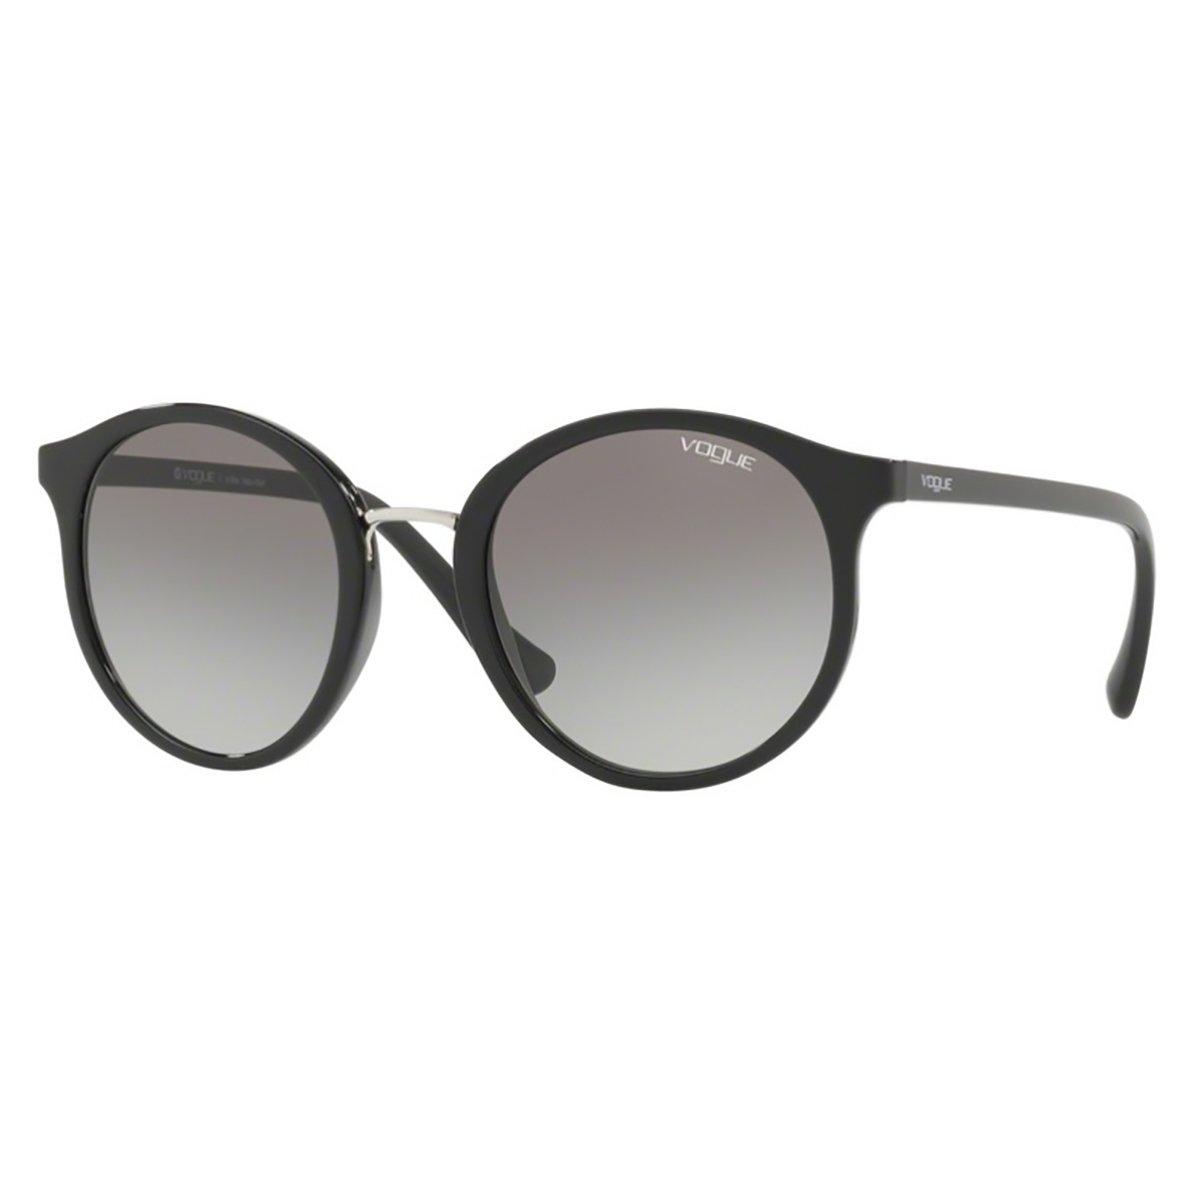 5d3c0061044e0 Compre Óculos de Sol Vogue em 10X